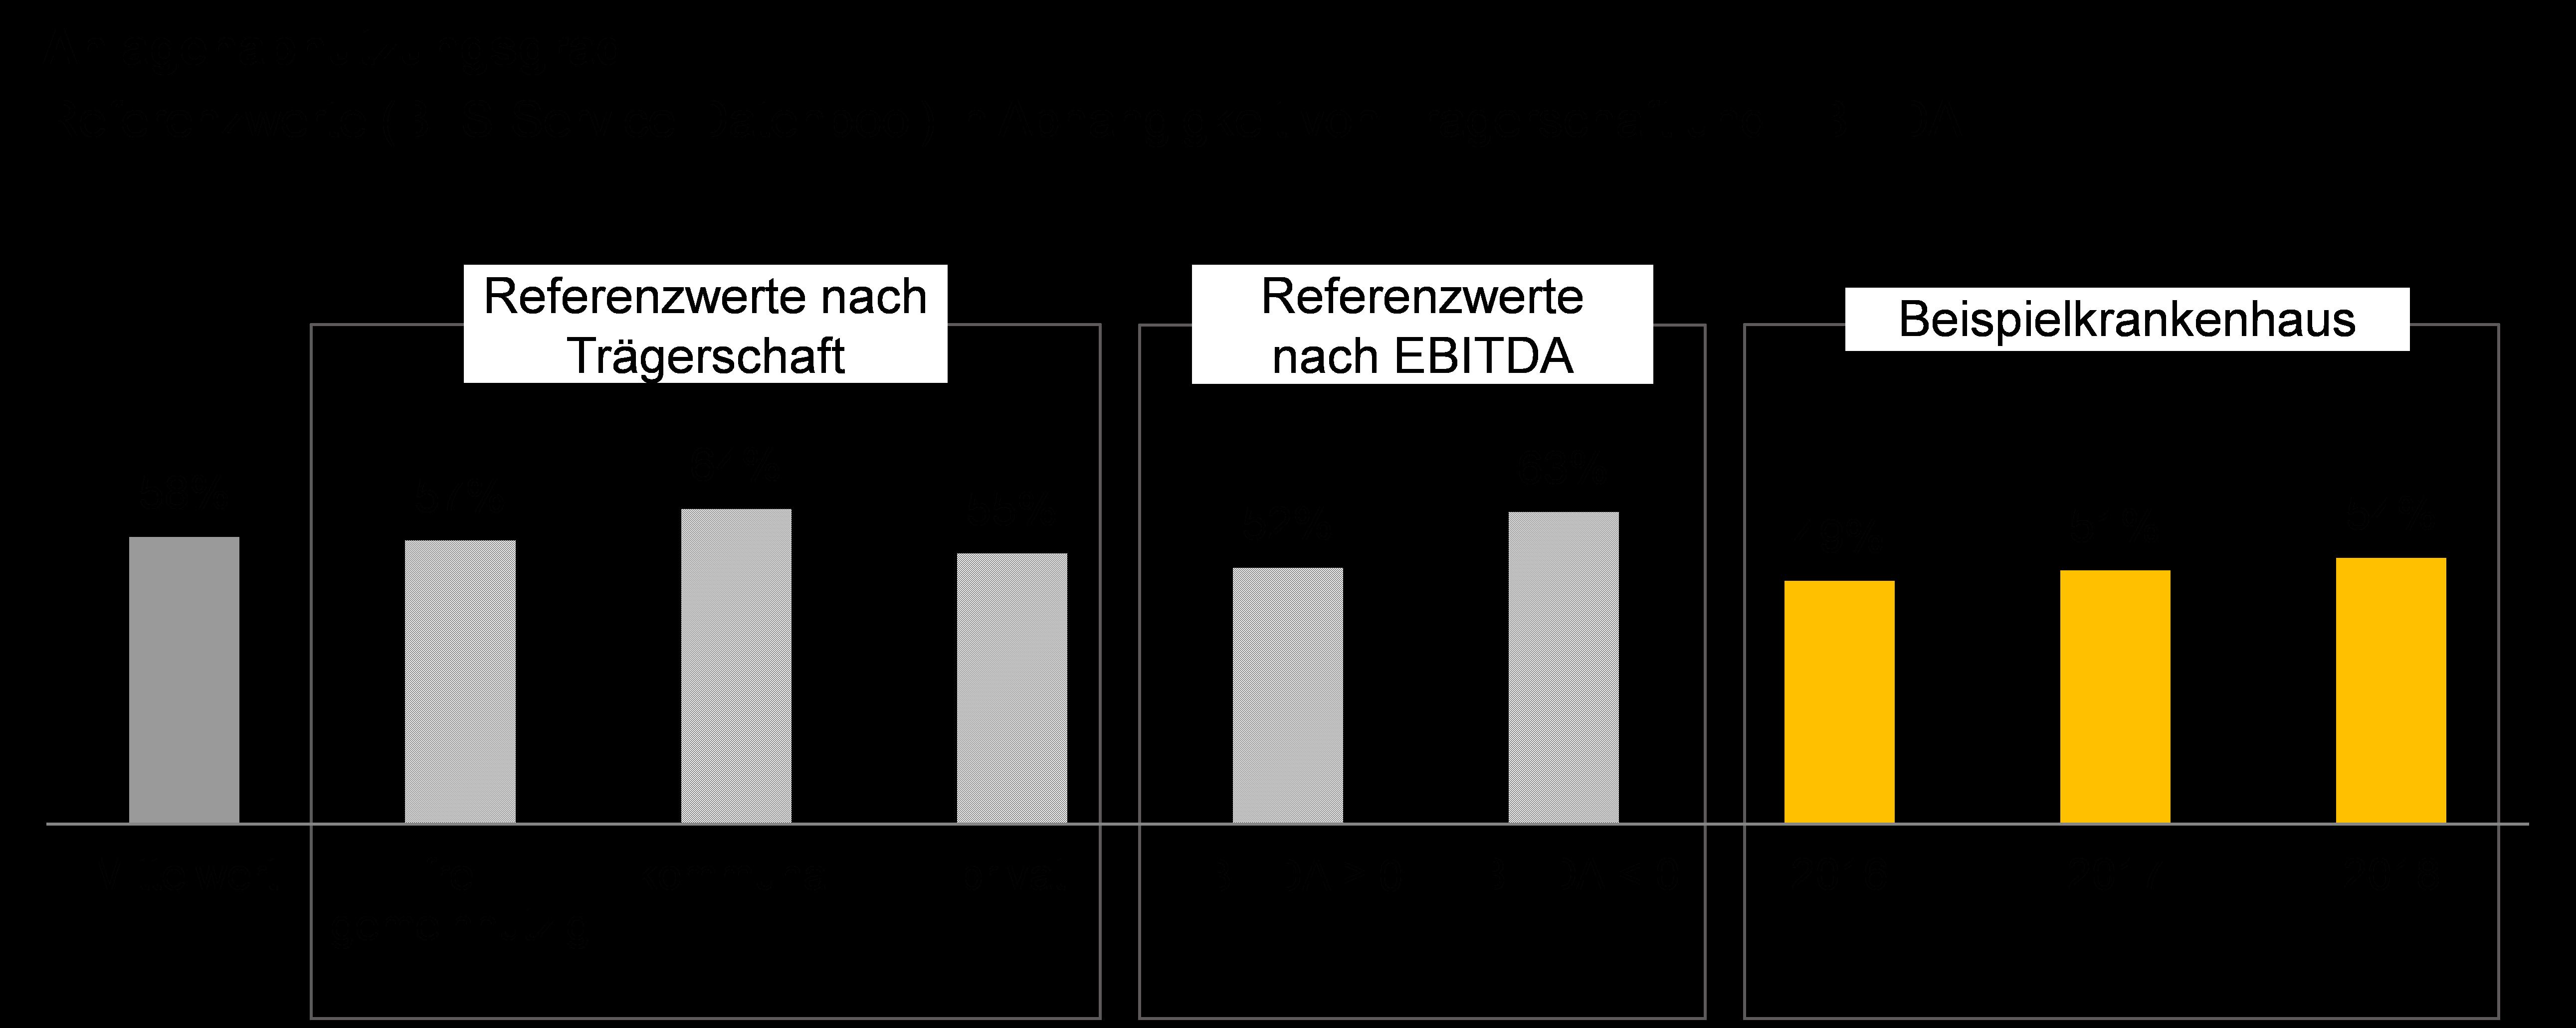 Grafik überden Anlagenabnutzungsgrad deutscher Krankenhäuser